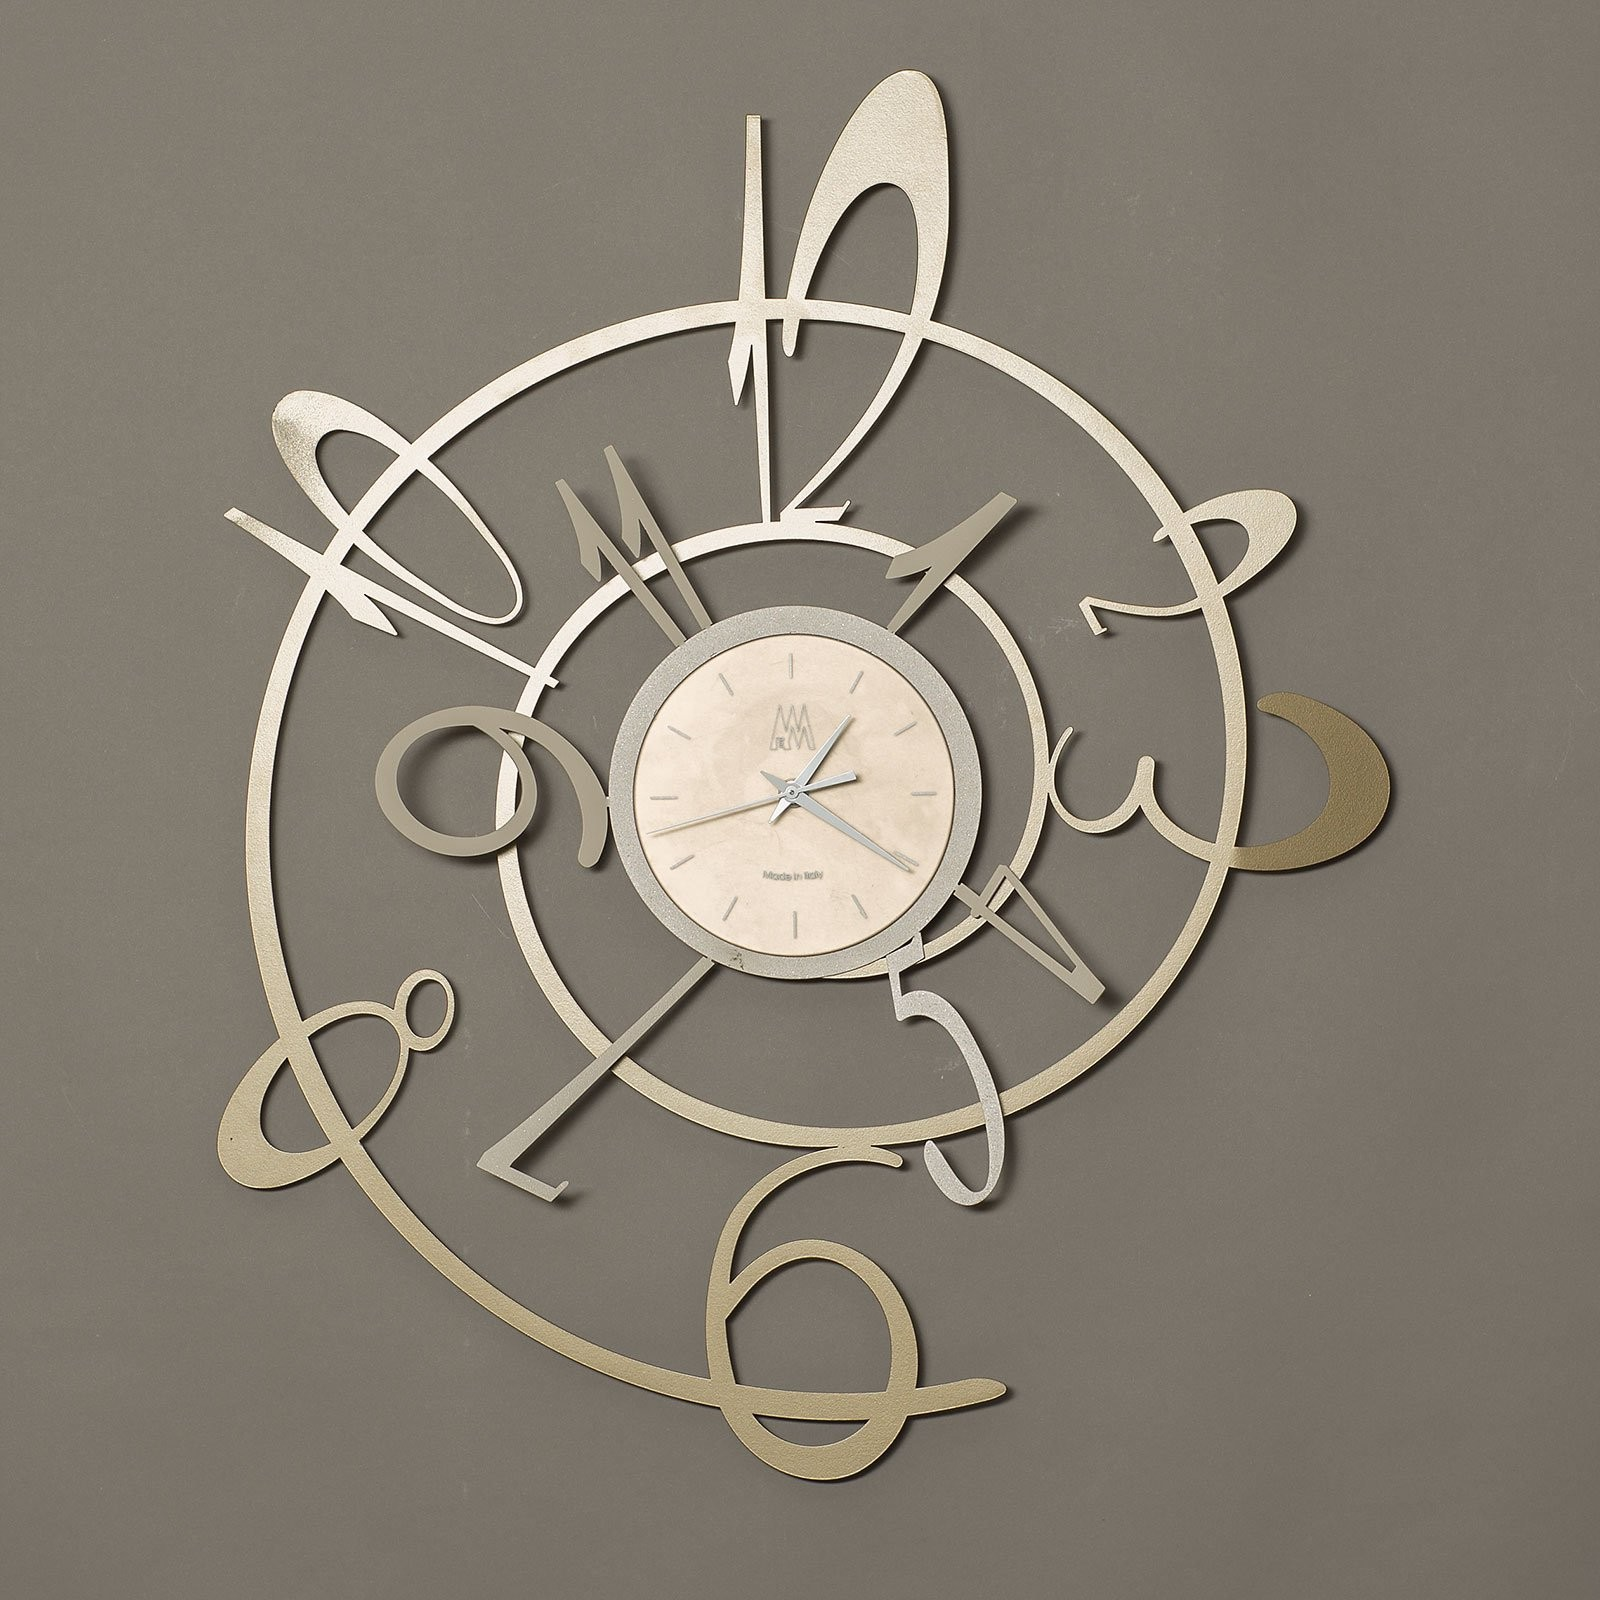 Orologi Arti & Mestieri